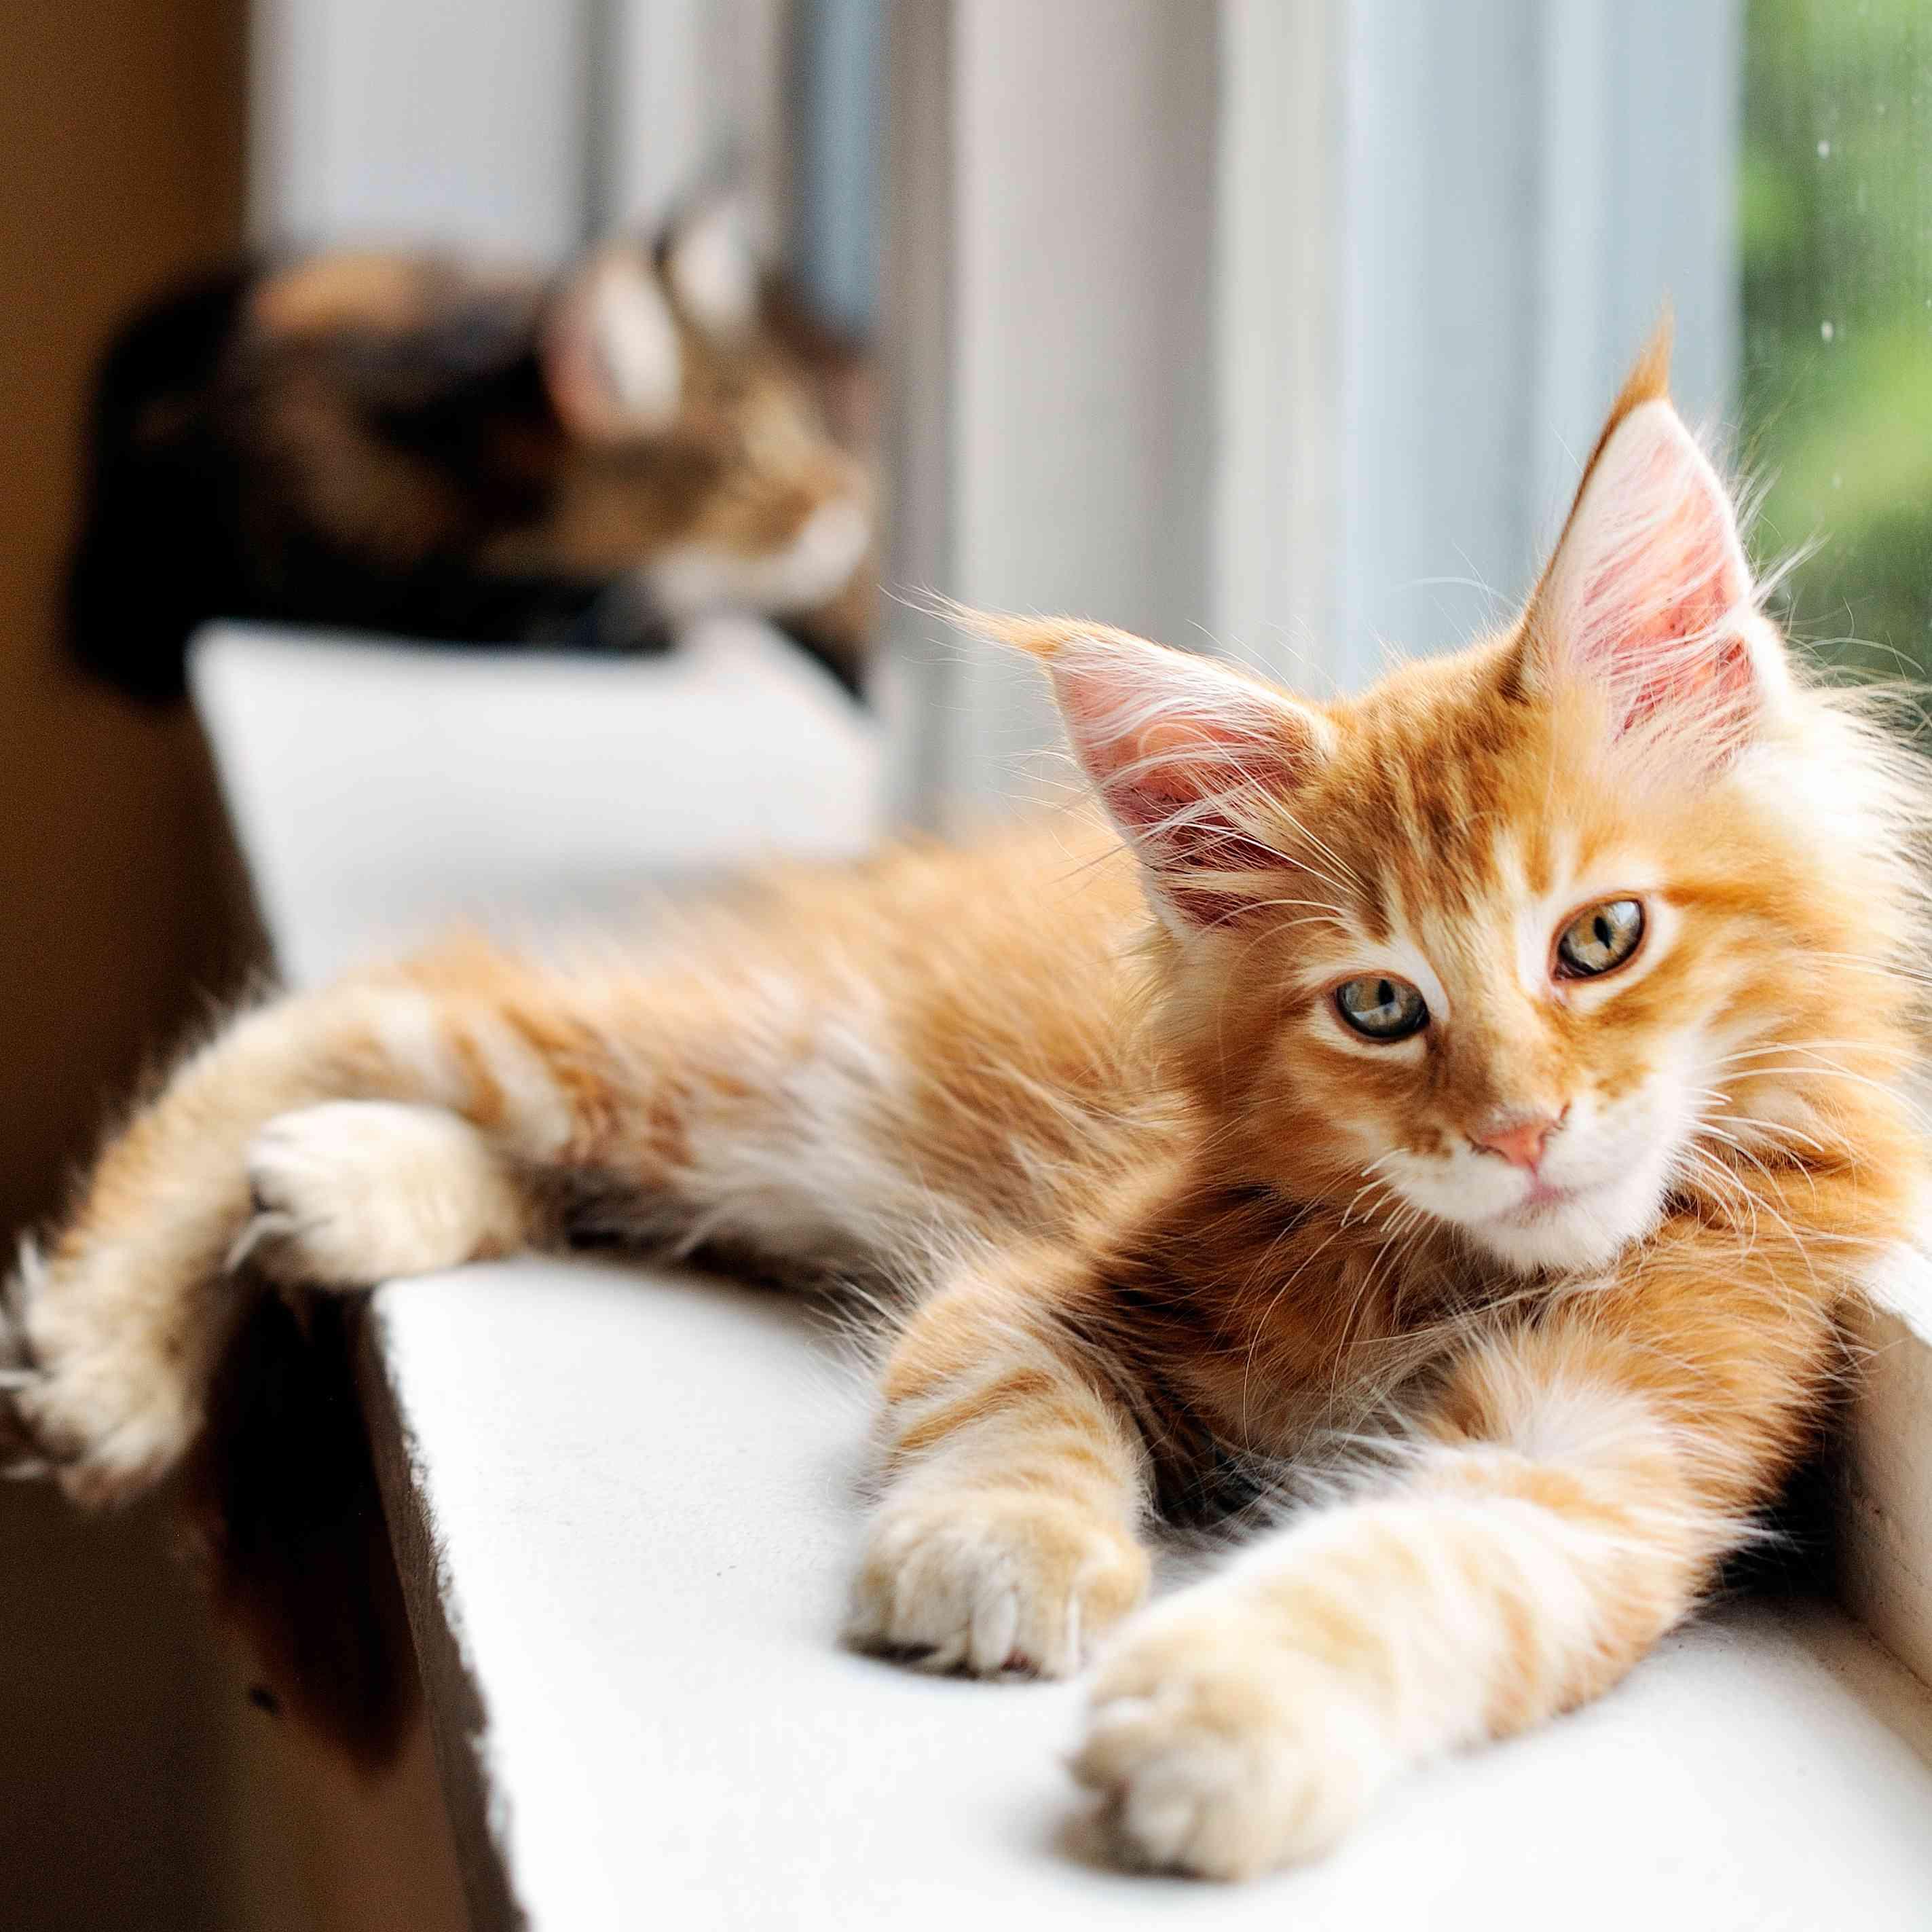 orange Maine coon kitten by a window